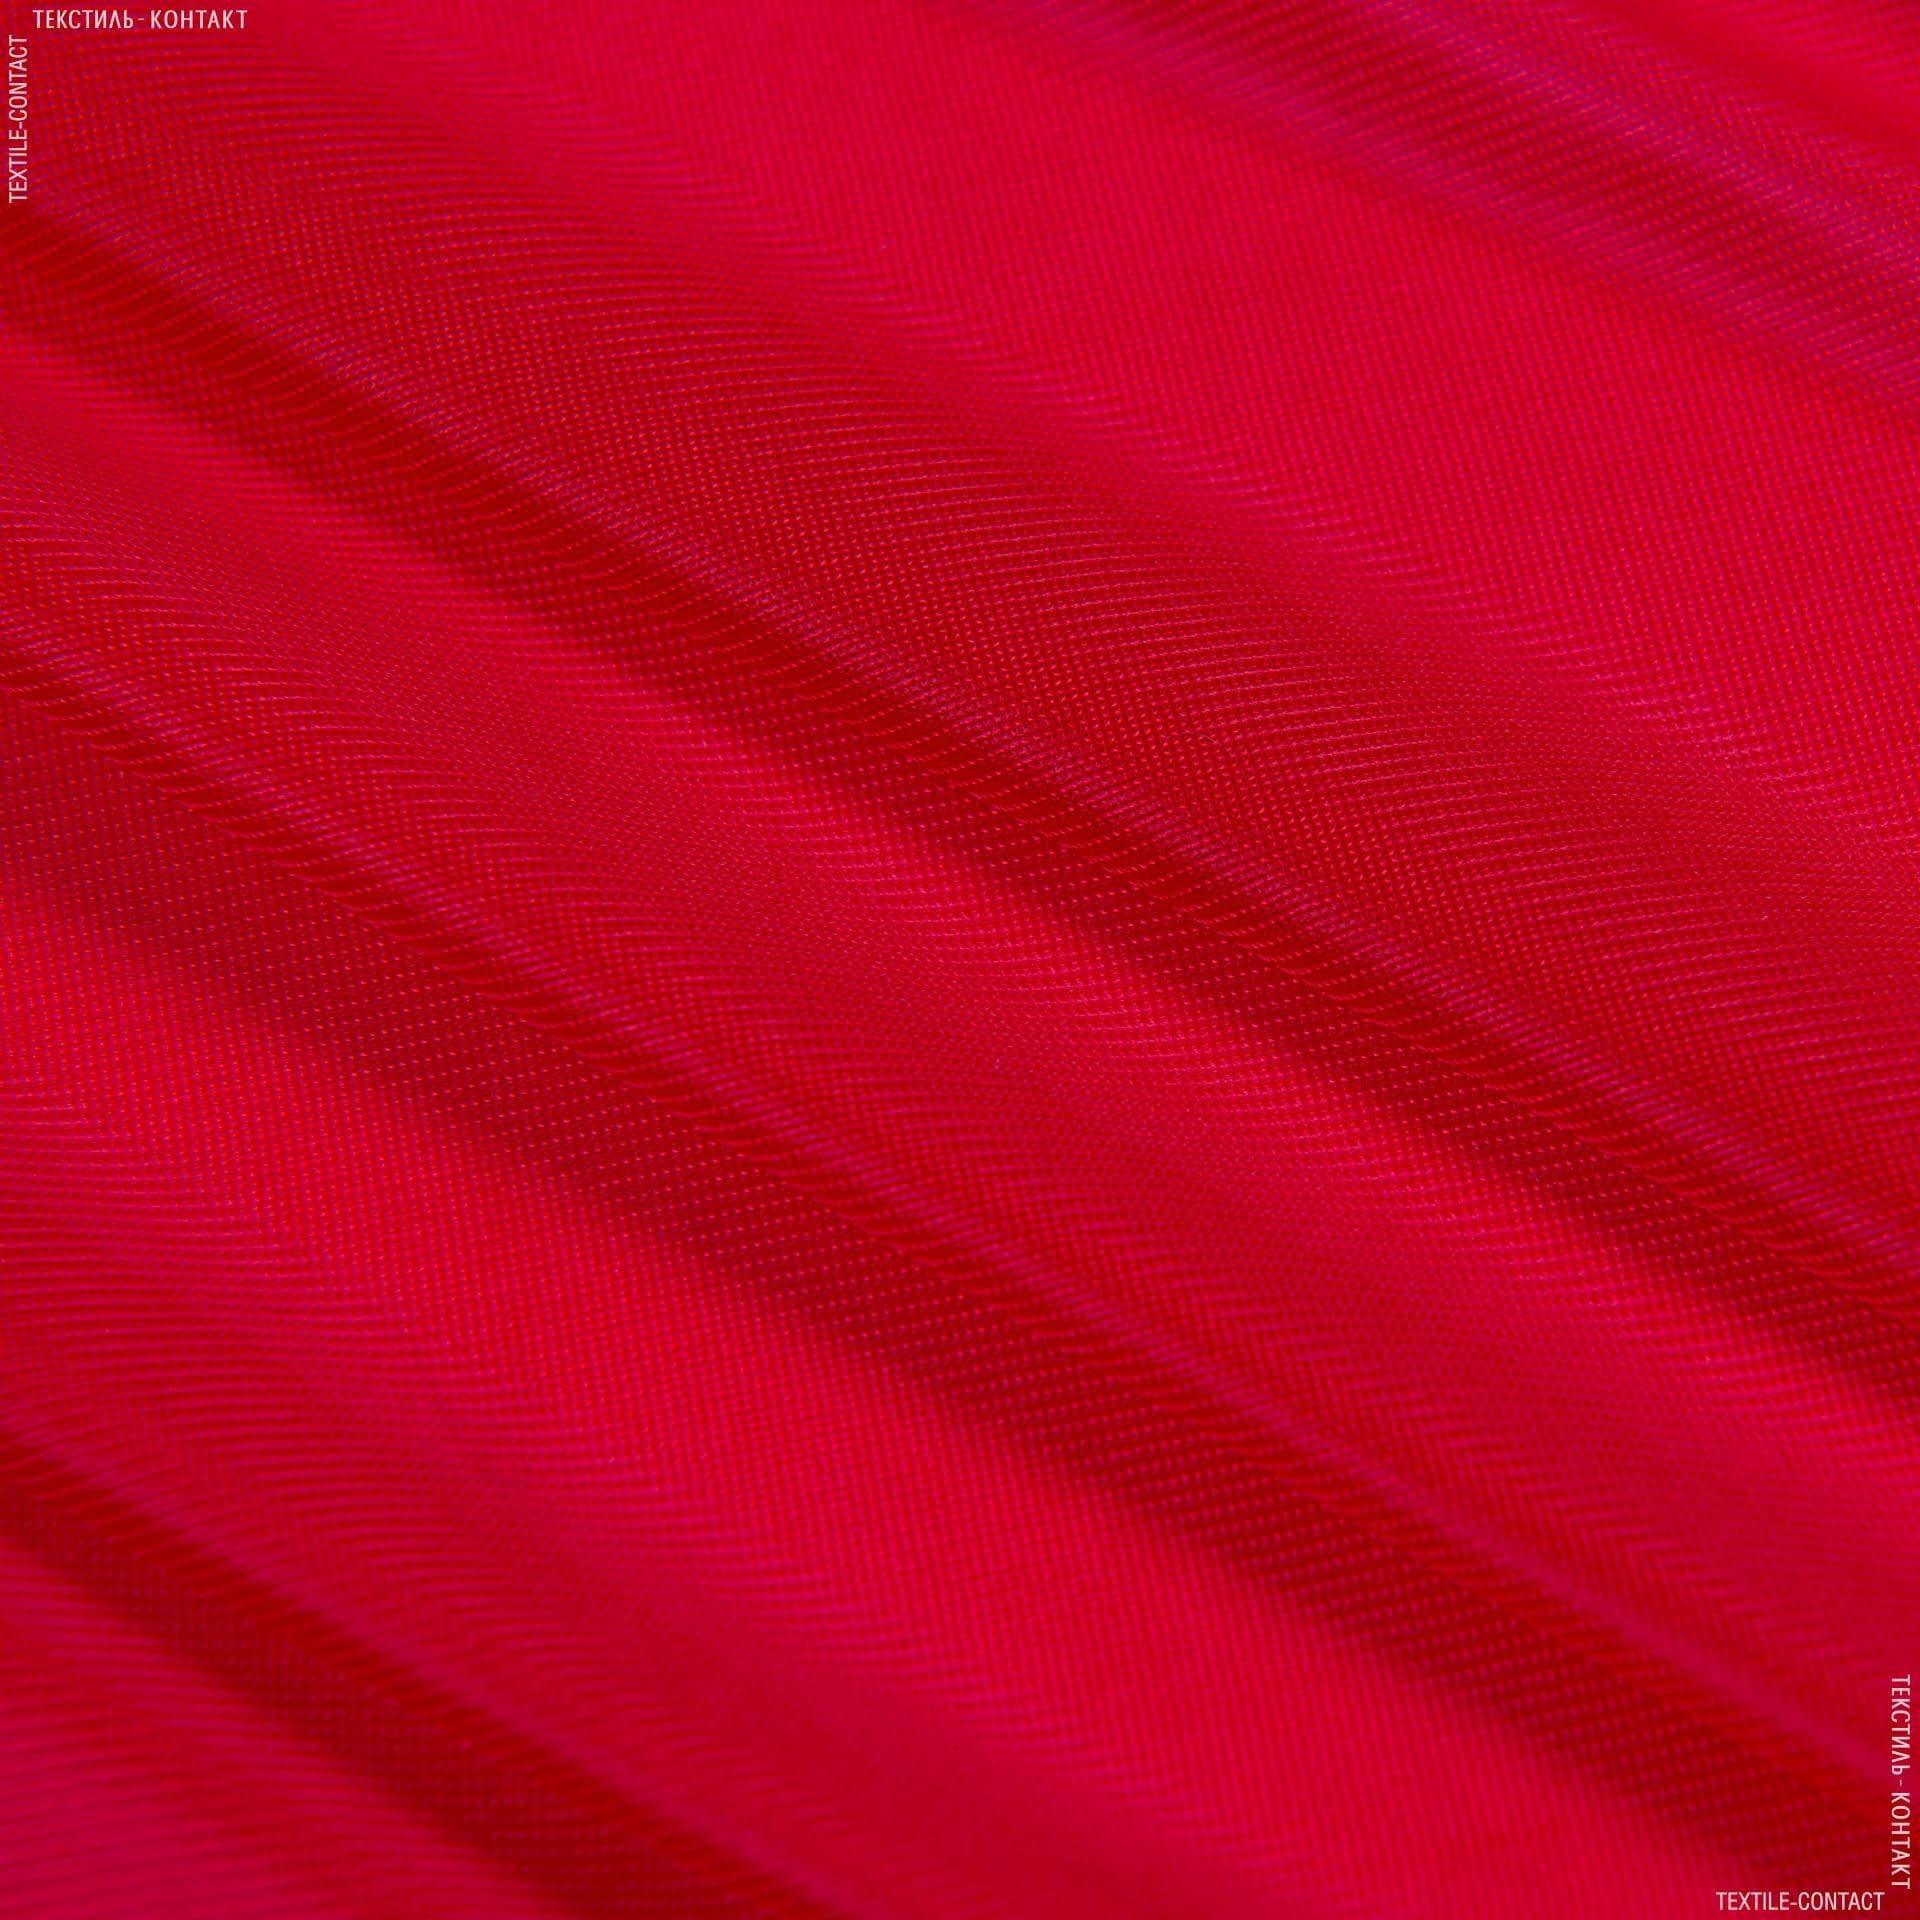 Ткани для спецодежды - Нейлон трикотажный красный